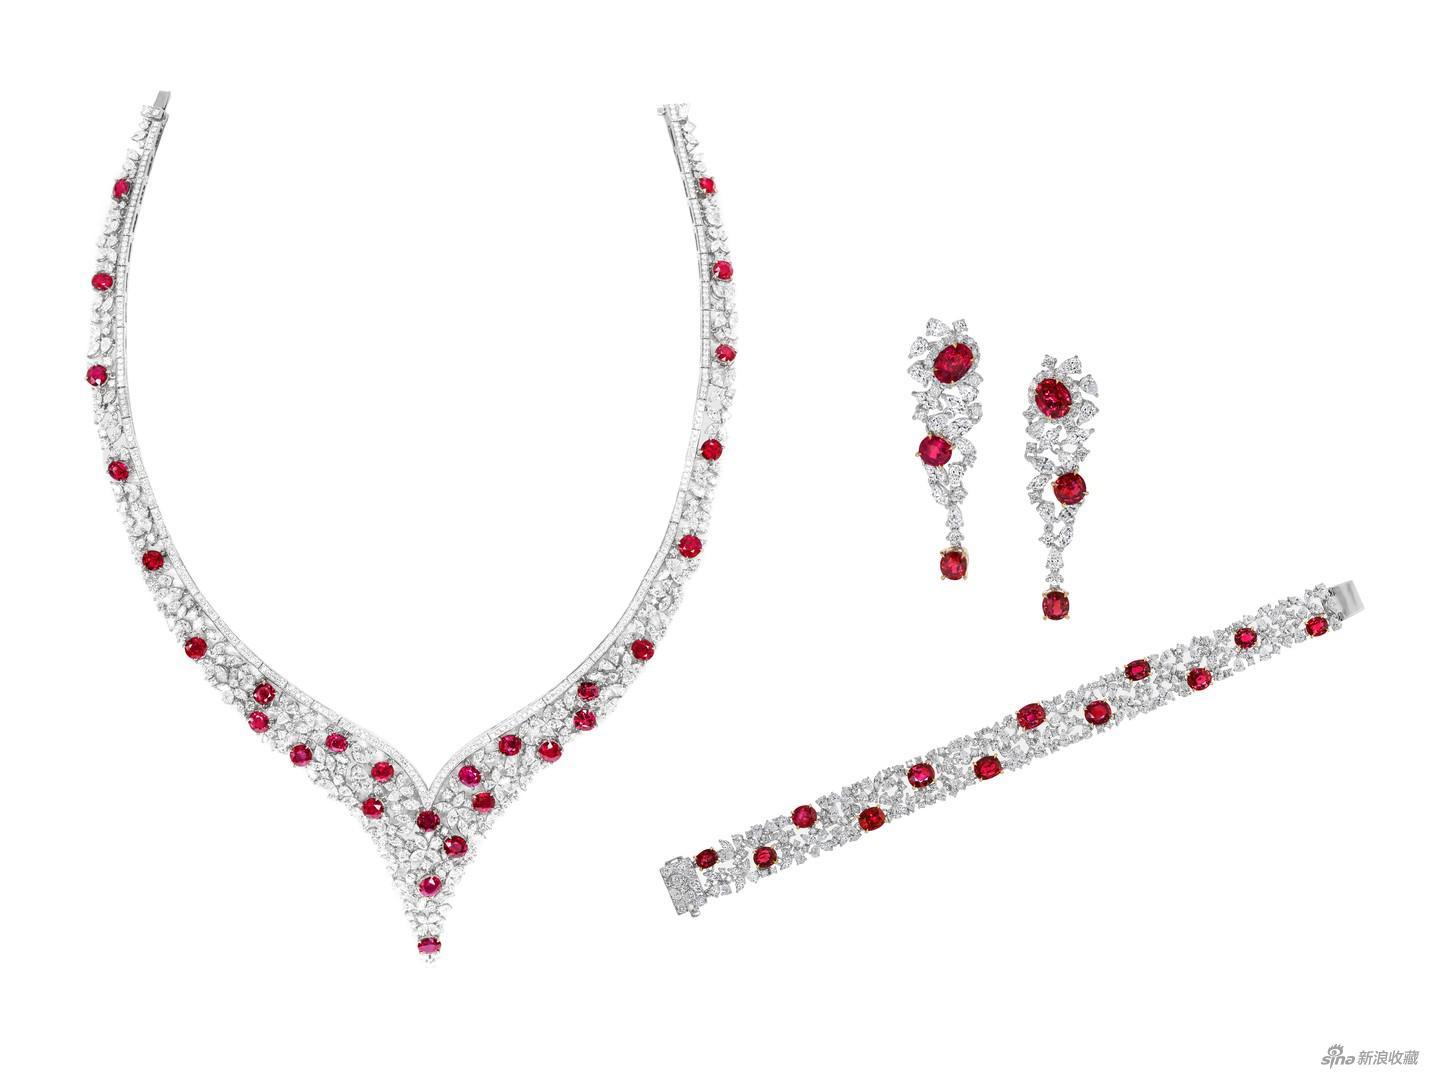 《天然缅甸无烧红宝石套组》,红宝石,天然钻石,18K金,来自珺豪珠宝